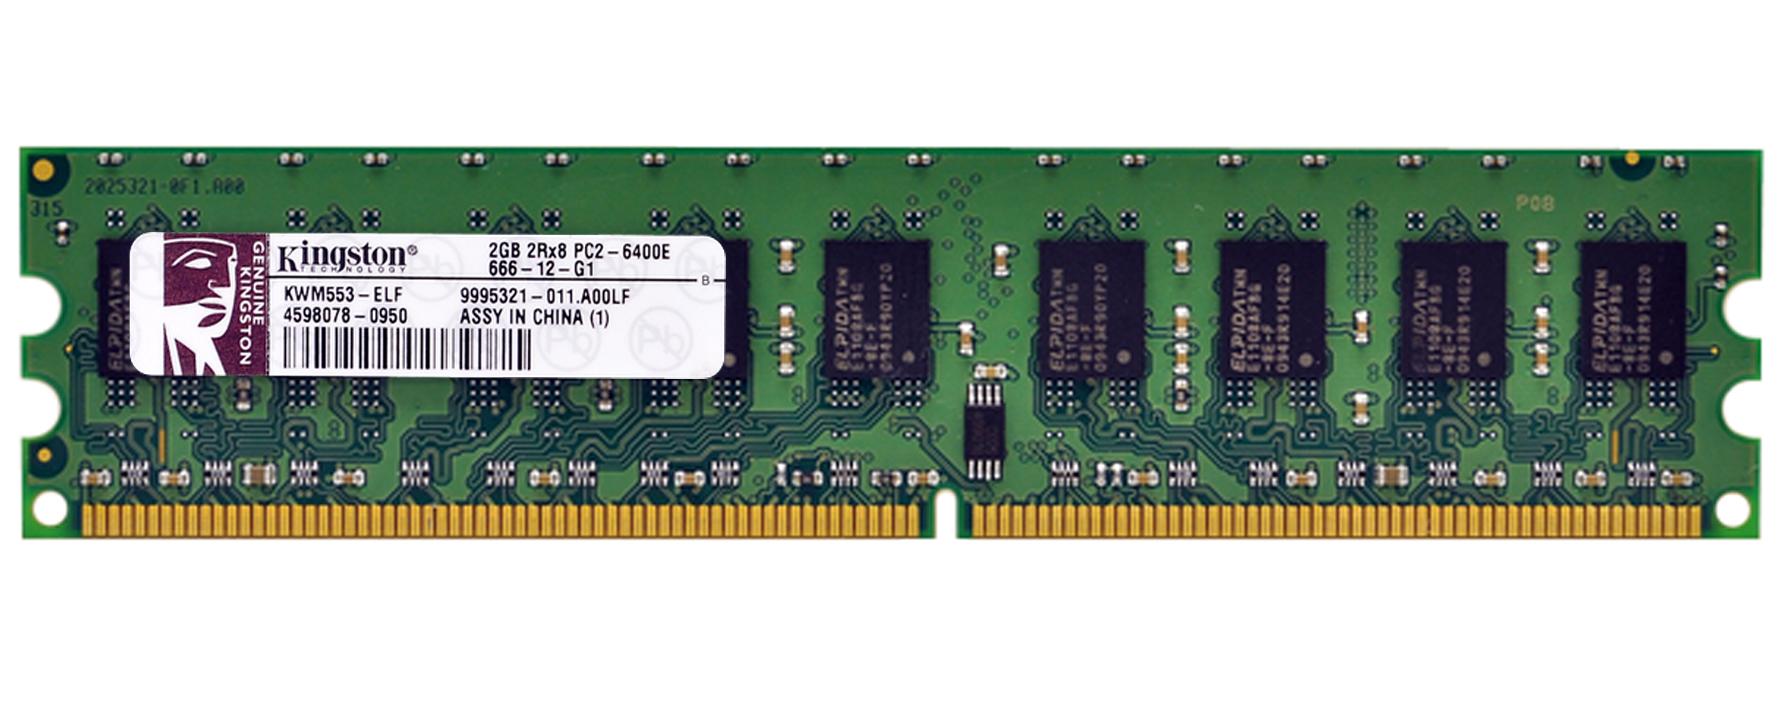 9995321 011a00lf Kingston 2gb Ddr2 Pc6400 Memory Memori Pc Pc2 6400 A00lf 800mhz Ecc Unbuffered Cl6